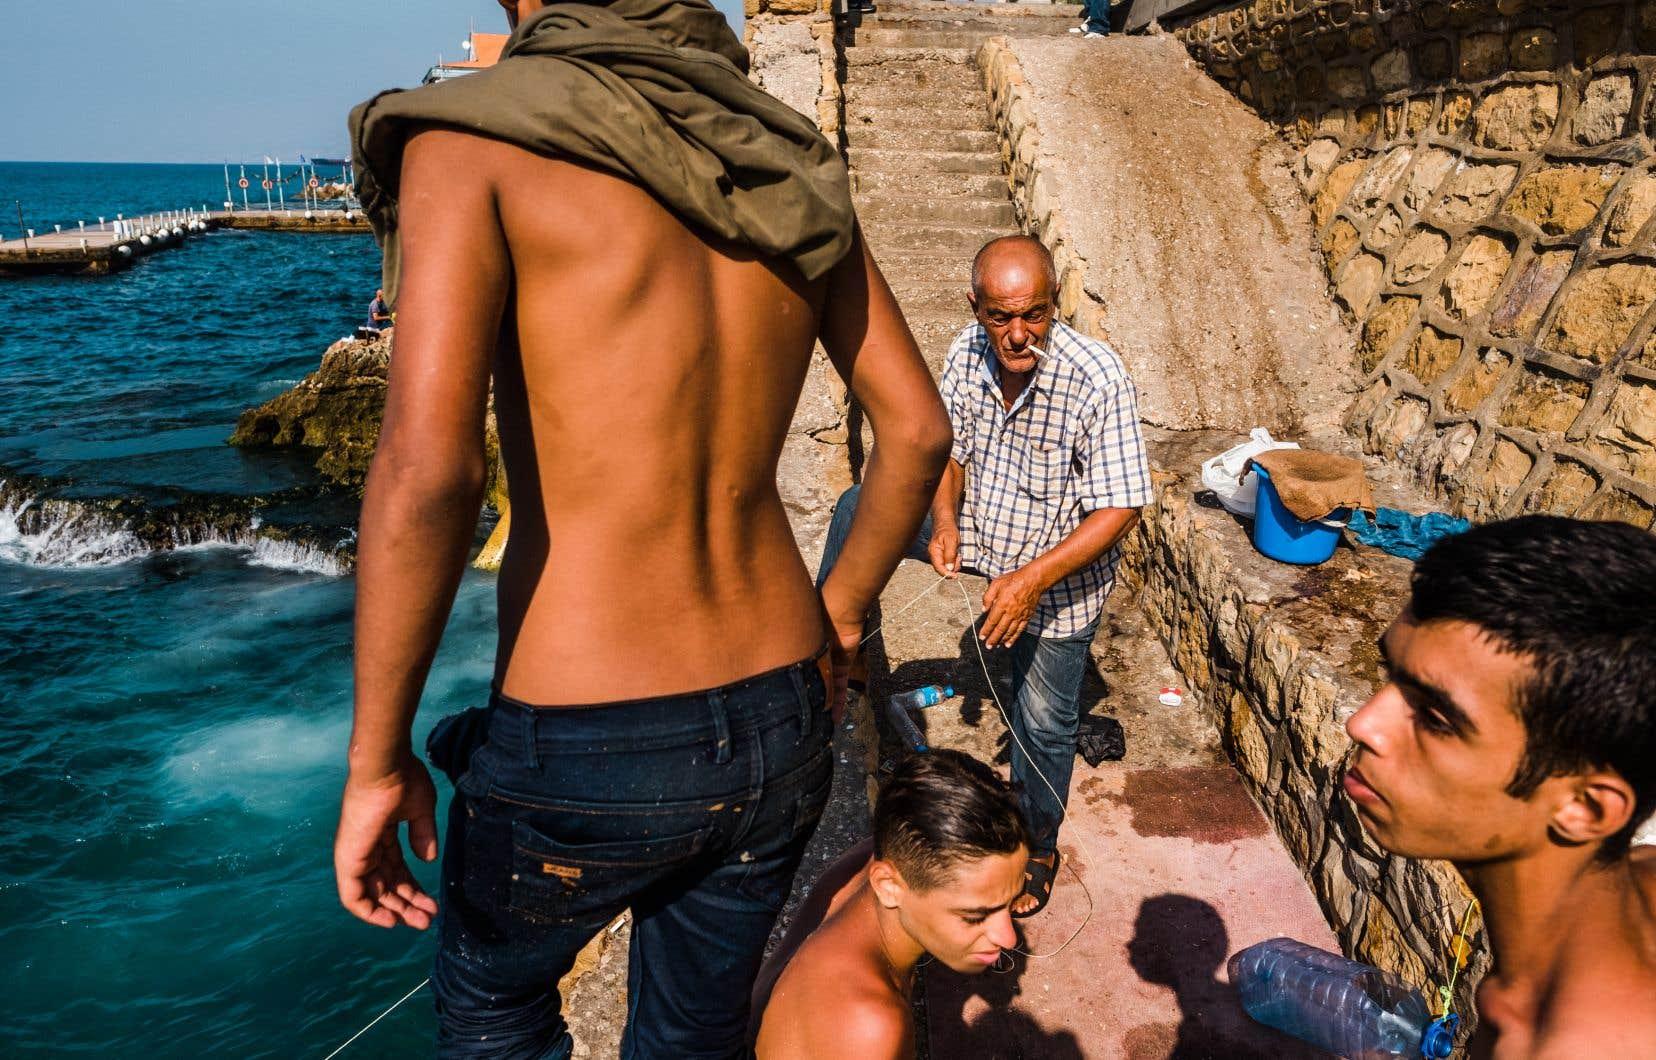 Mahmoud Awad (portant une chemise à carreaux) pêche des sardines sur la Corniche de Beyrouth, entouré de jeunes qui profitent du soleil.